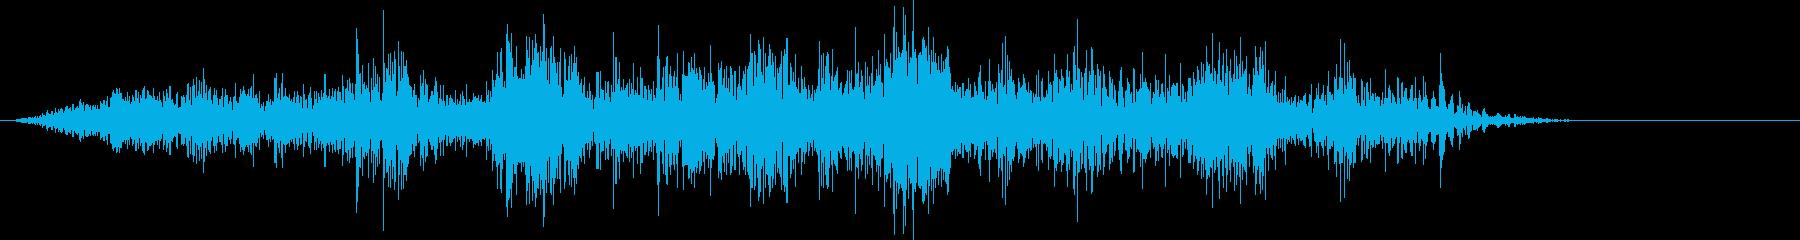 地震の前後の断層の地震応力の再生済みの波形